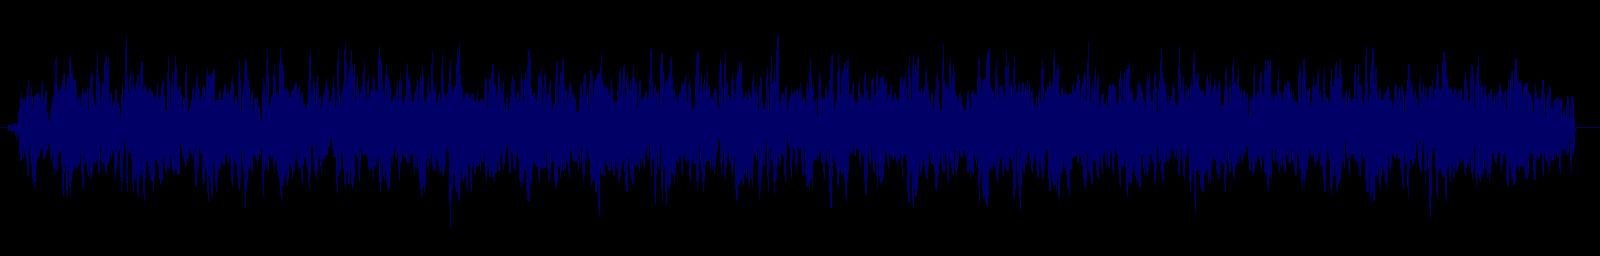 waveform of track #150018